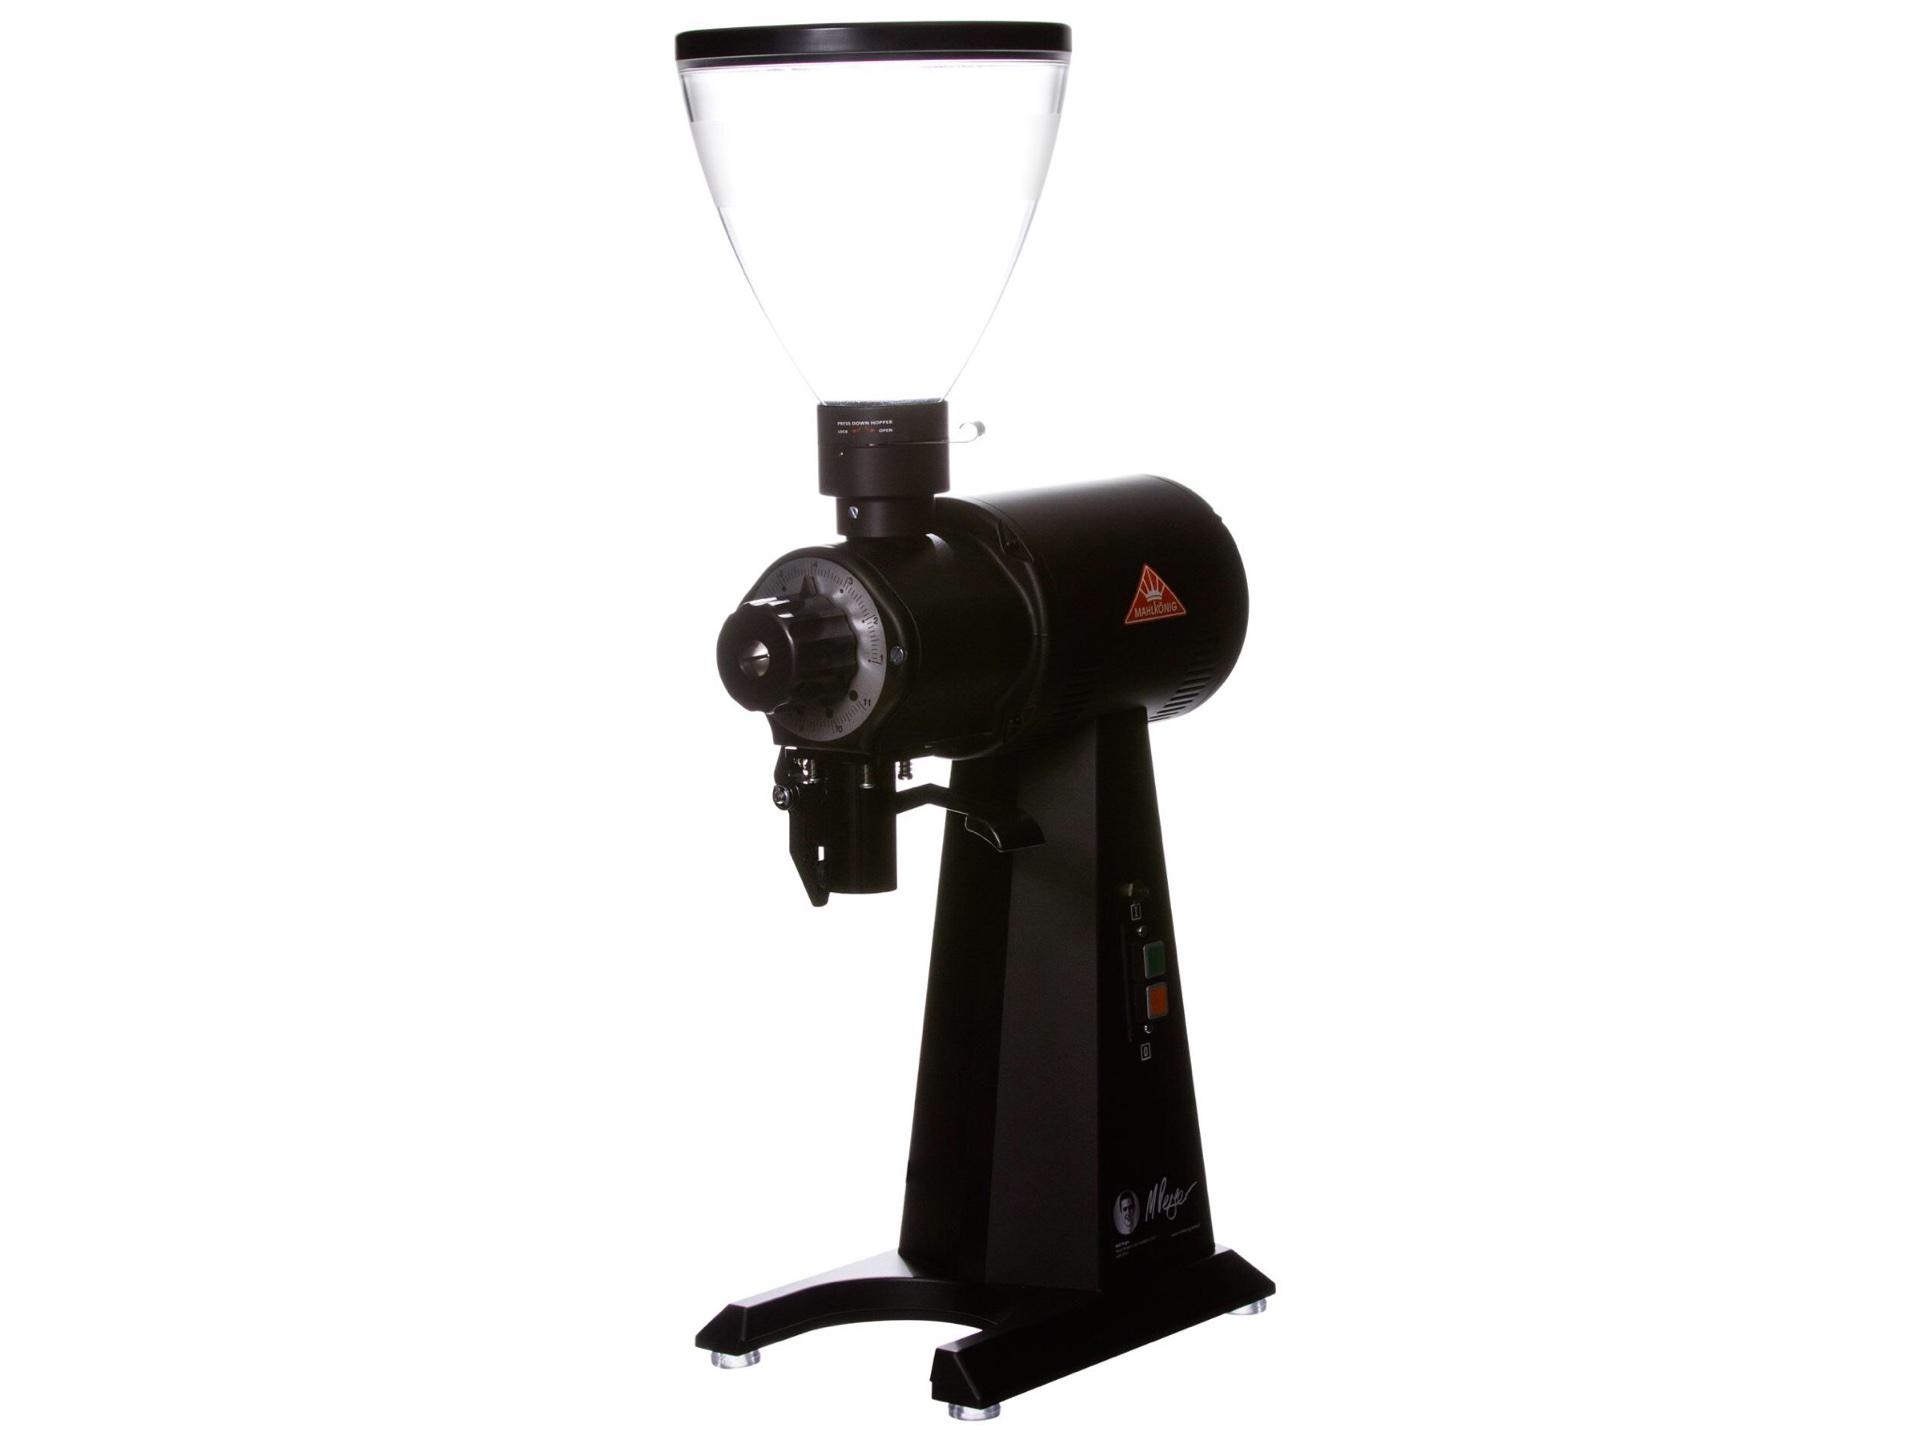 mahlkonig-ek43-commercial-coffee-grinder